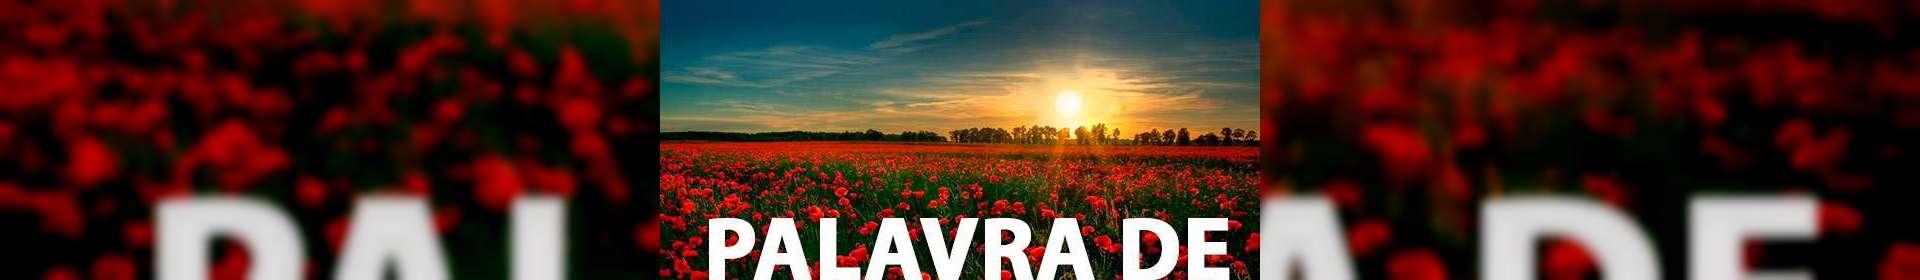 Salmos 51:10-11 - Uma Palavra de Esperança para sua vida